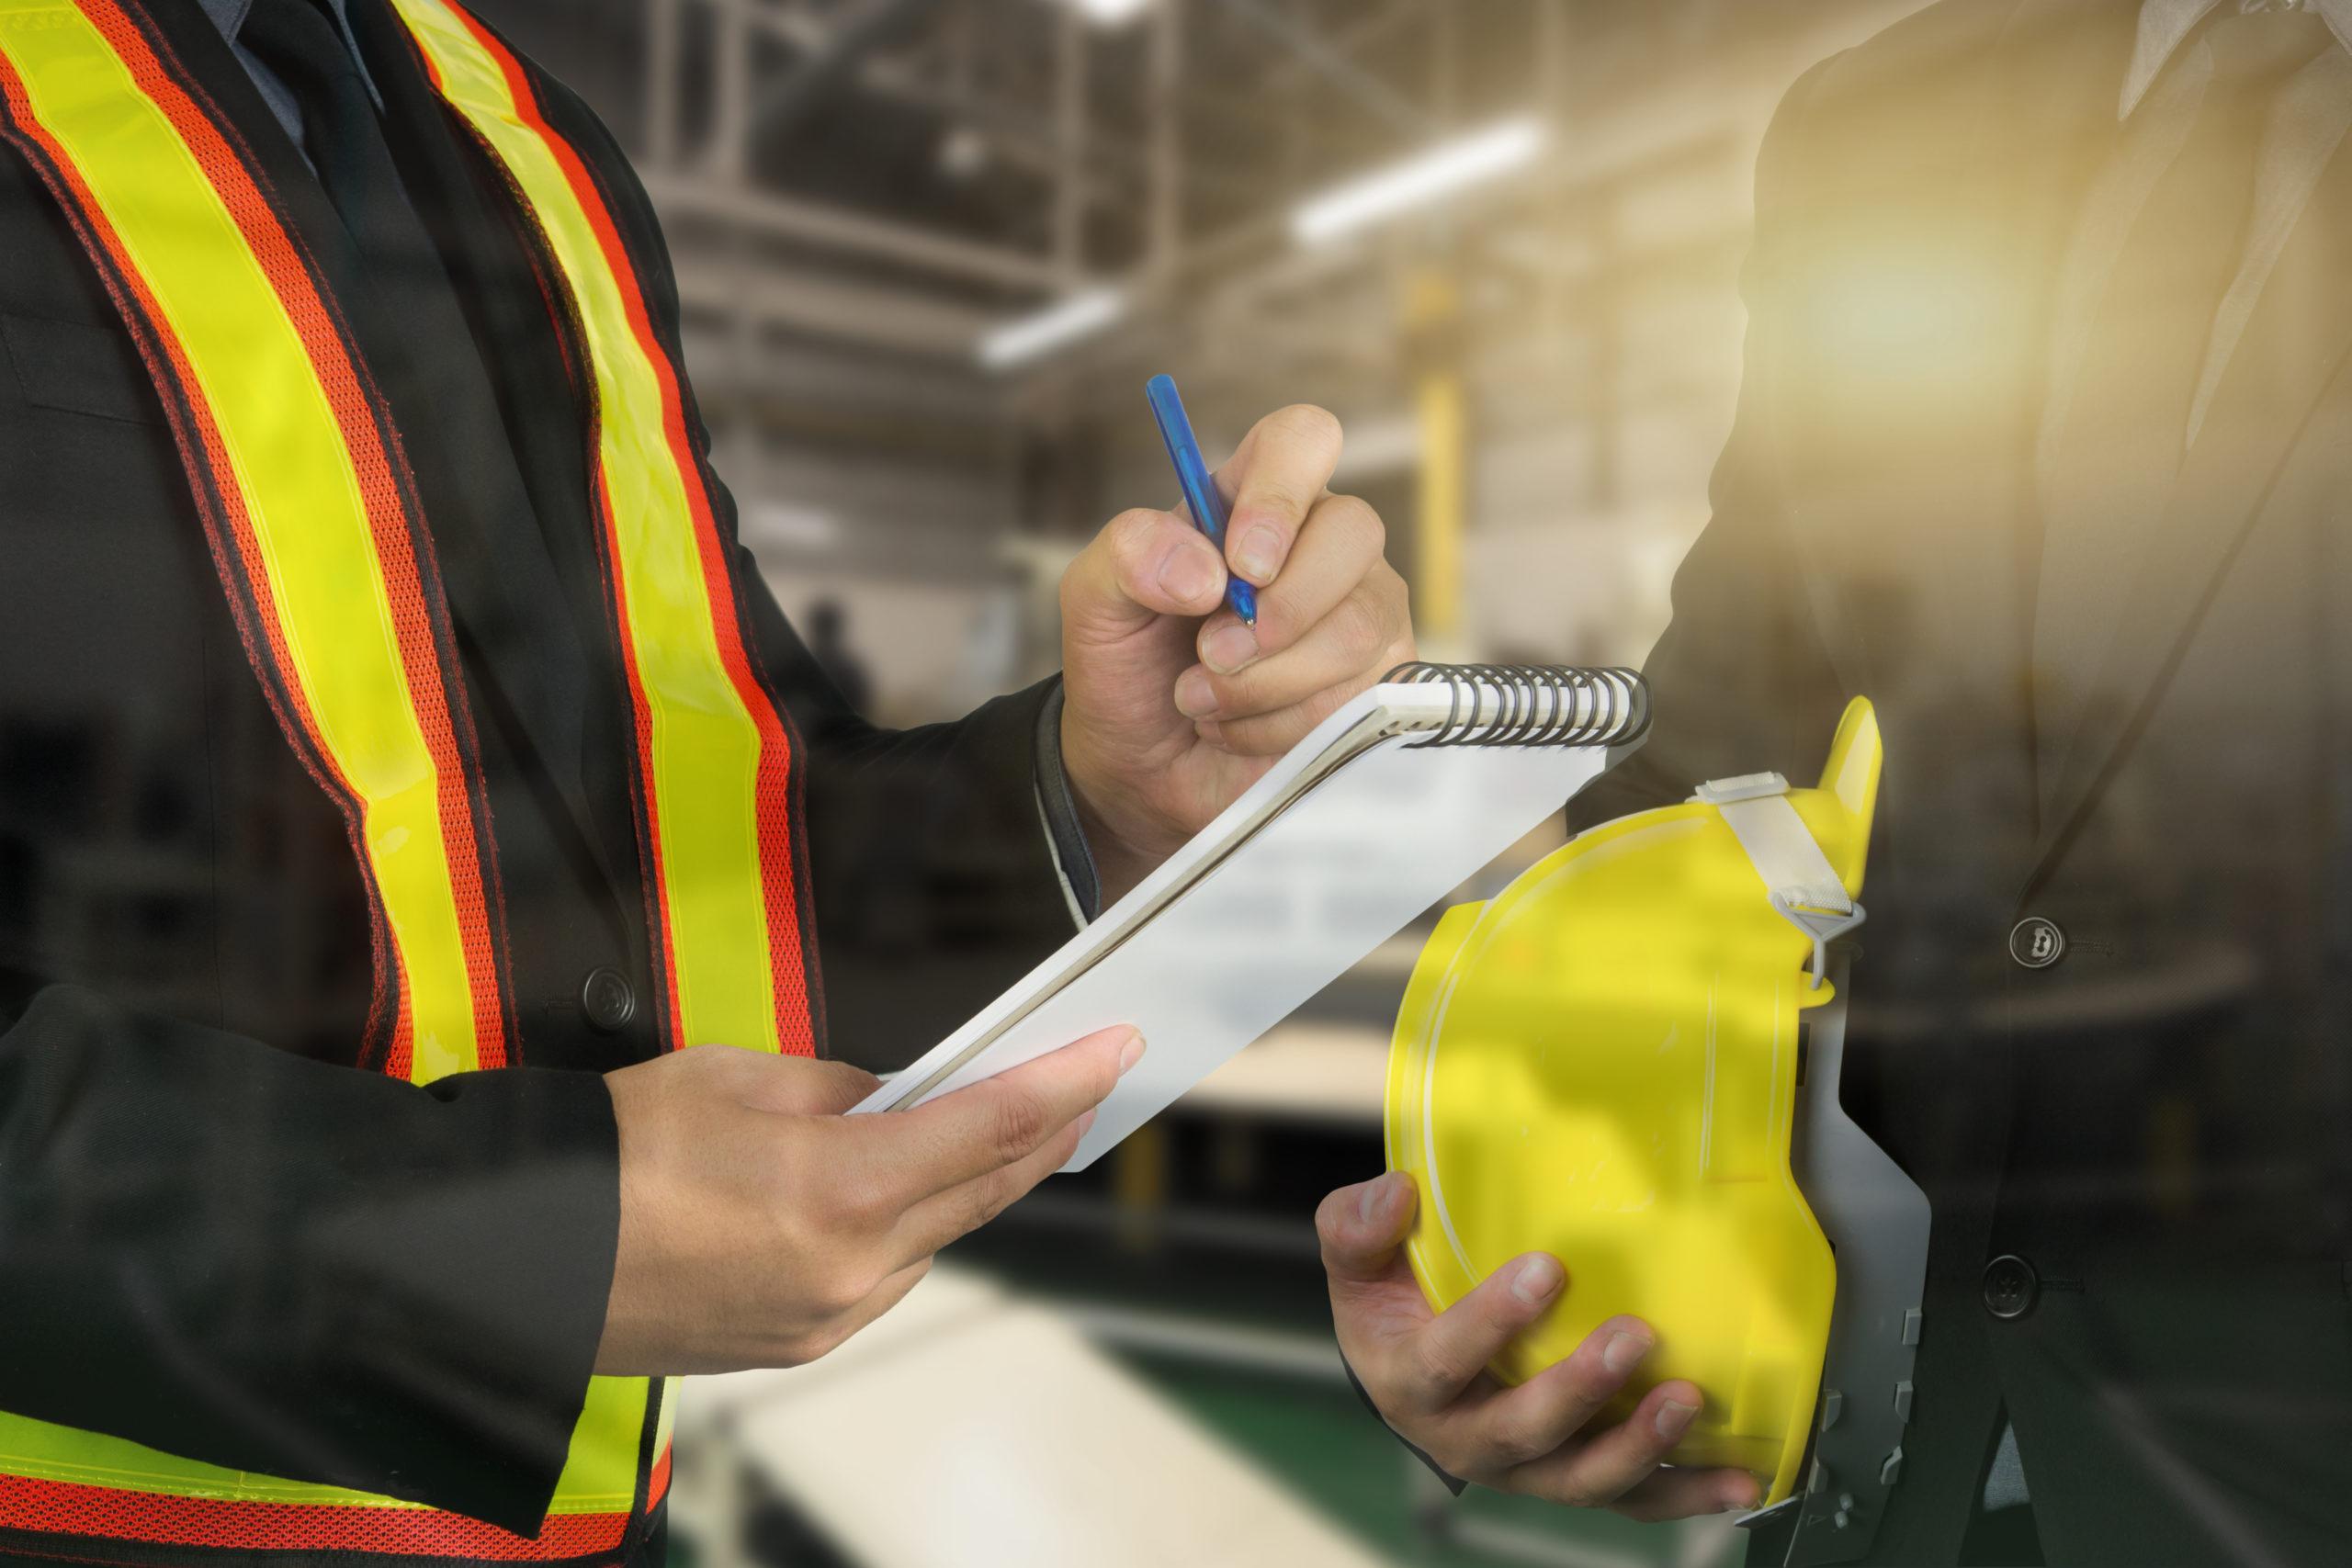 Top 5 Workplace Safety Hazards